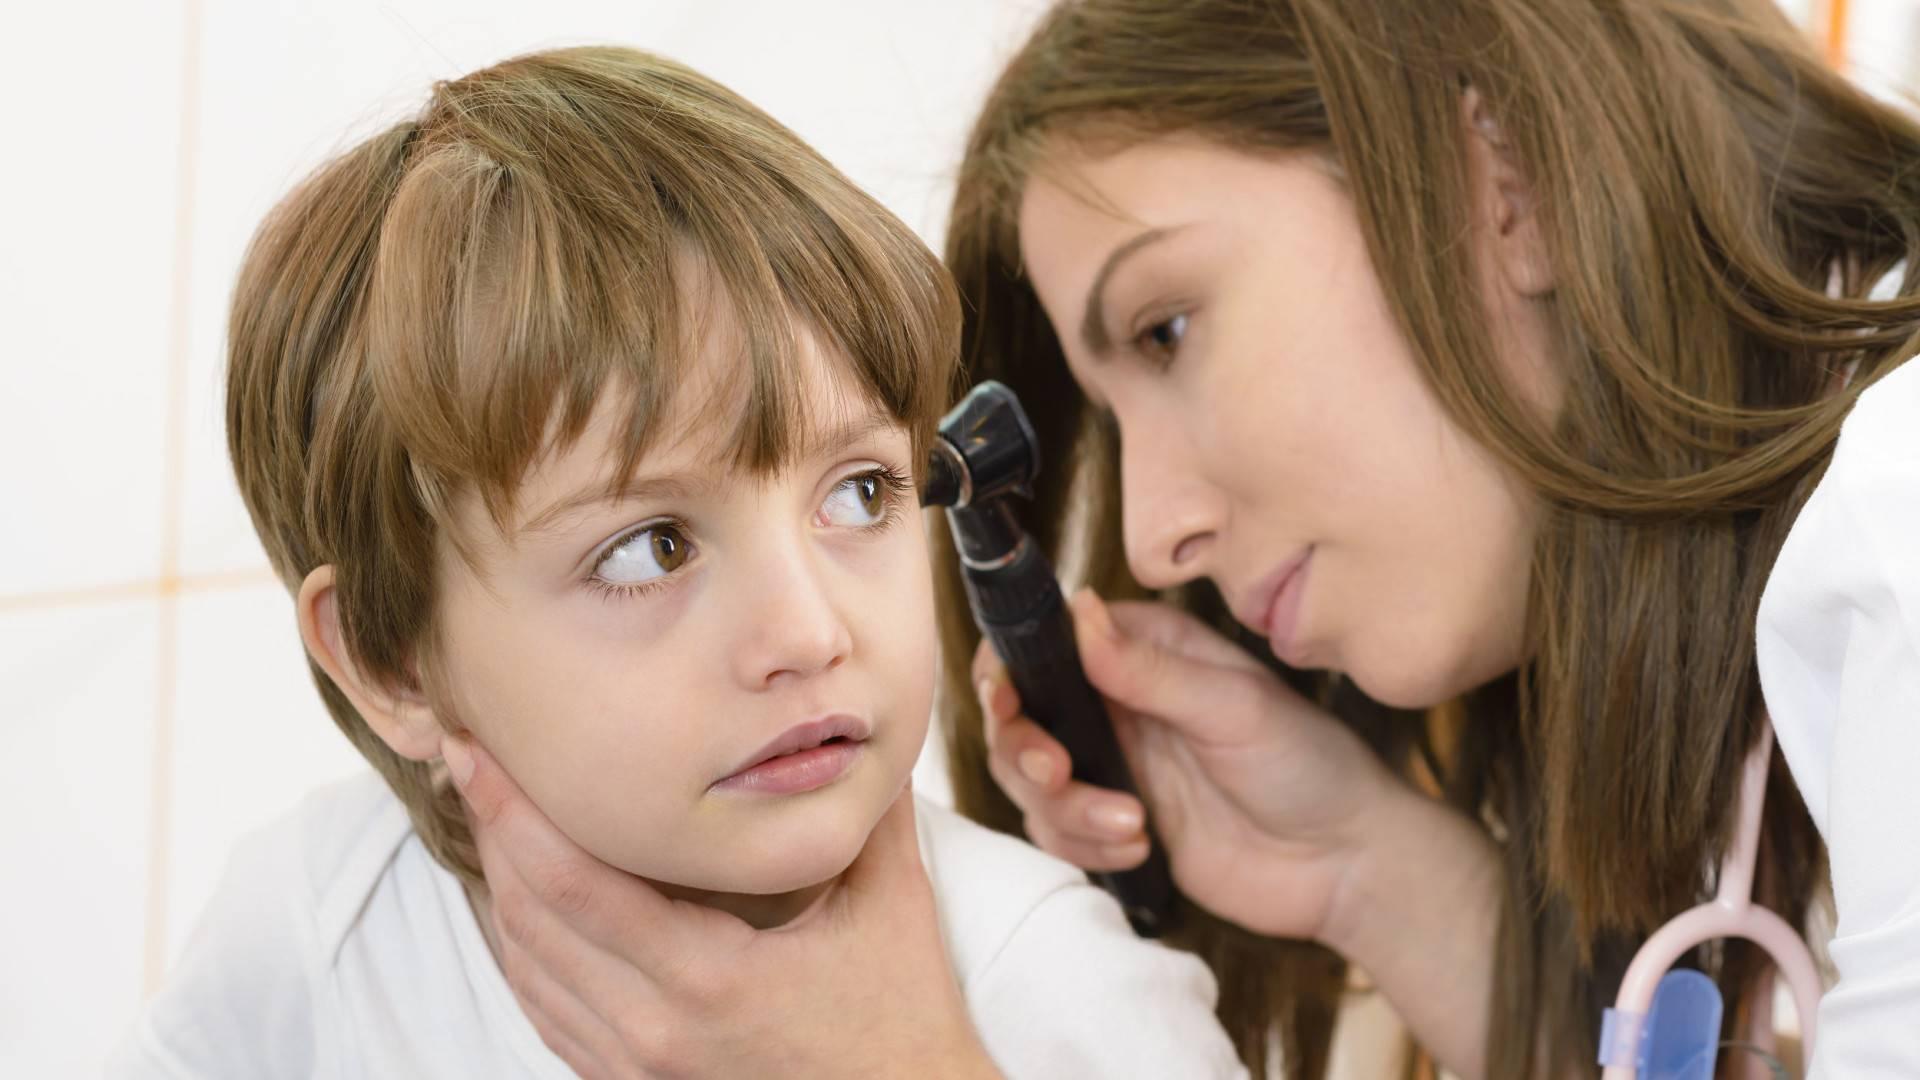 У ребёнка болит ухо - что делать в домашних условиях pulmono.ru у ребёнка болит ухо - что делать в домашних условиях